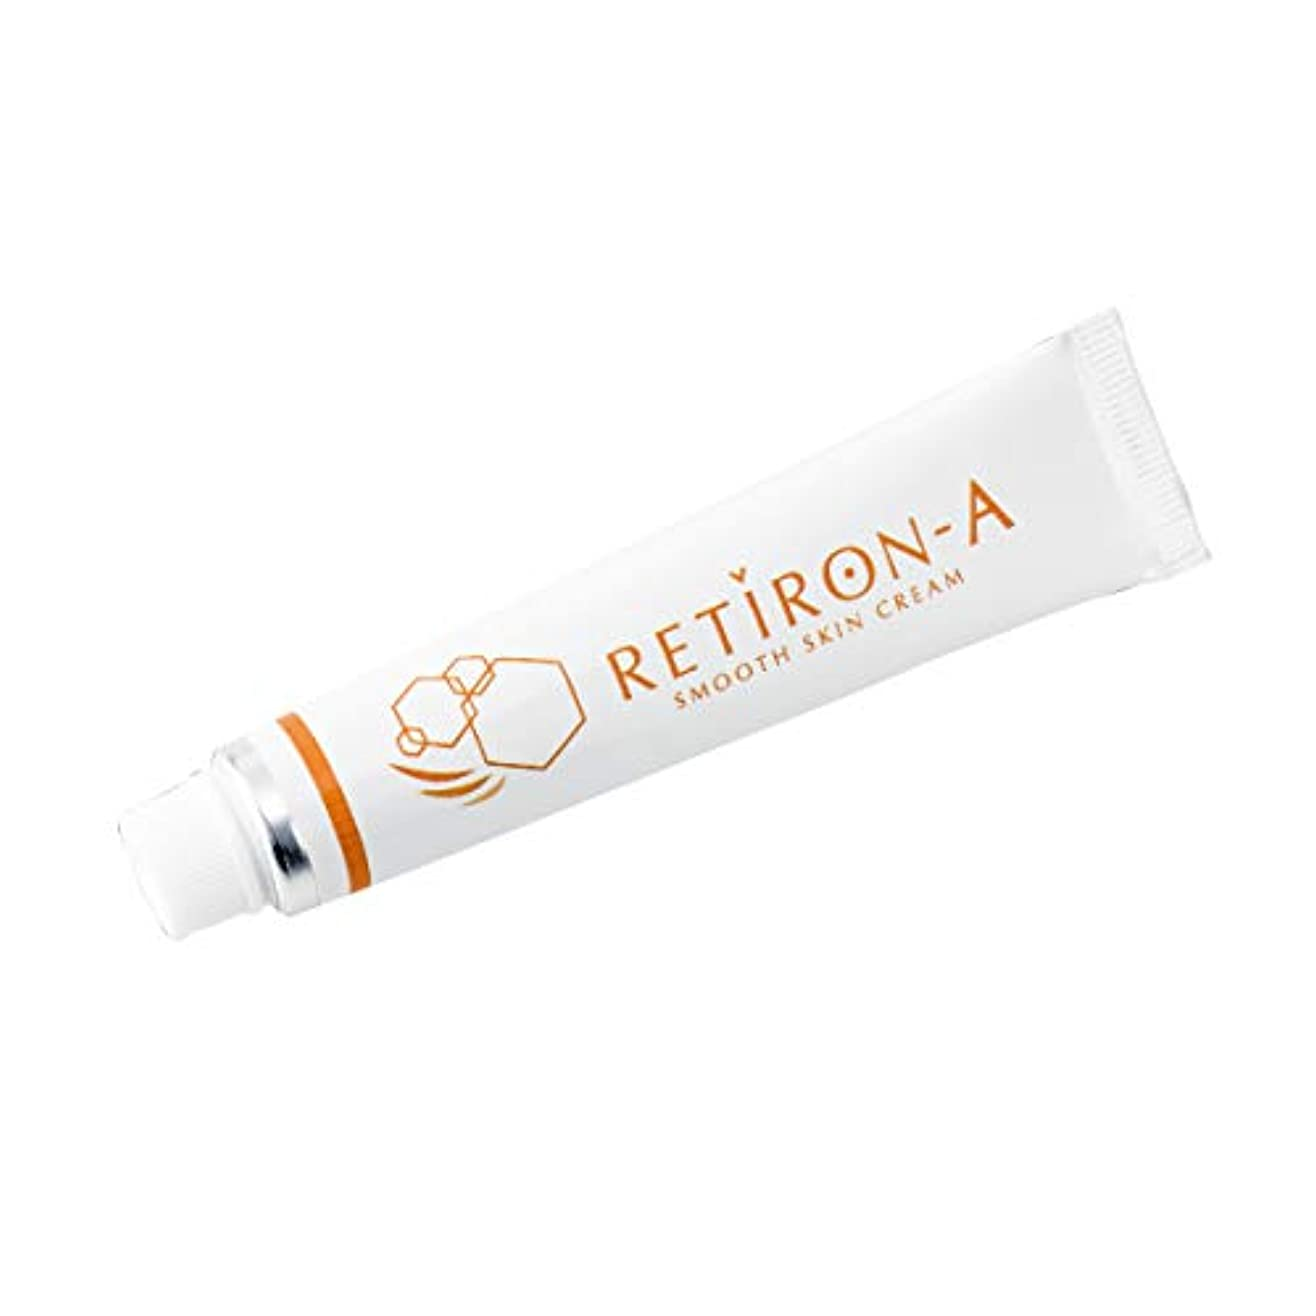 後ろに地殻憎しみクリーム 化粧品 レチノール配合 レチロンA パラベンフリー